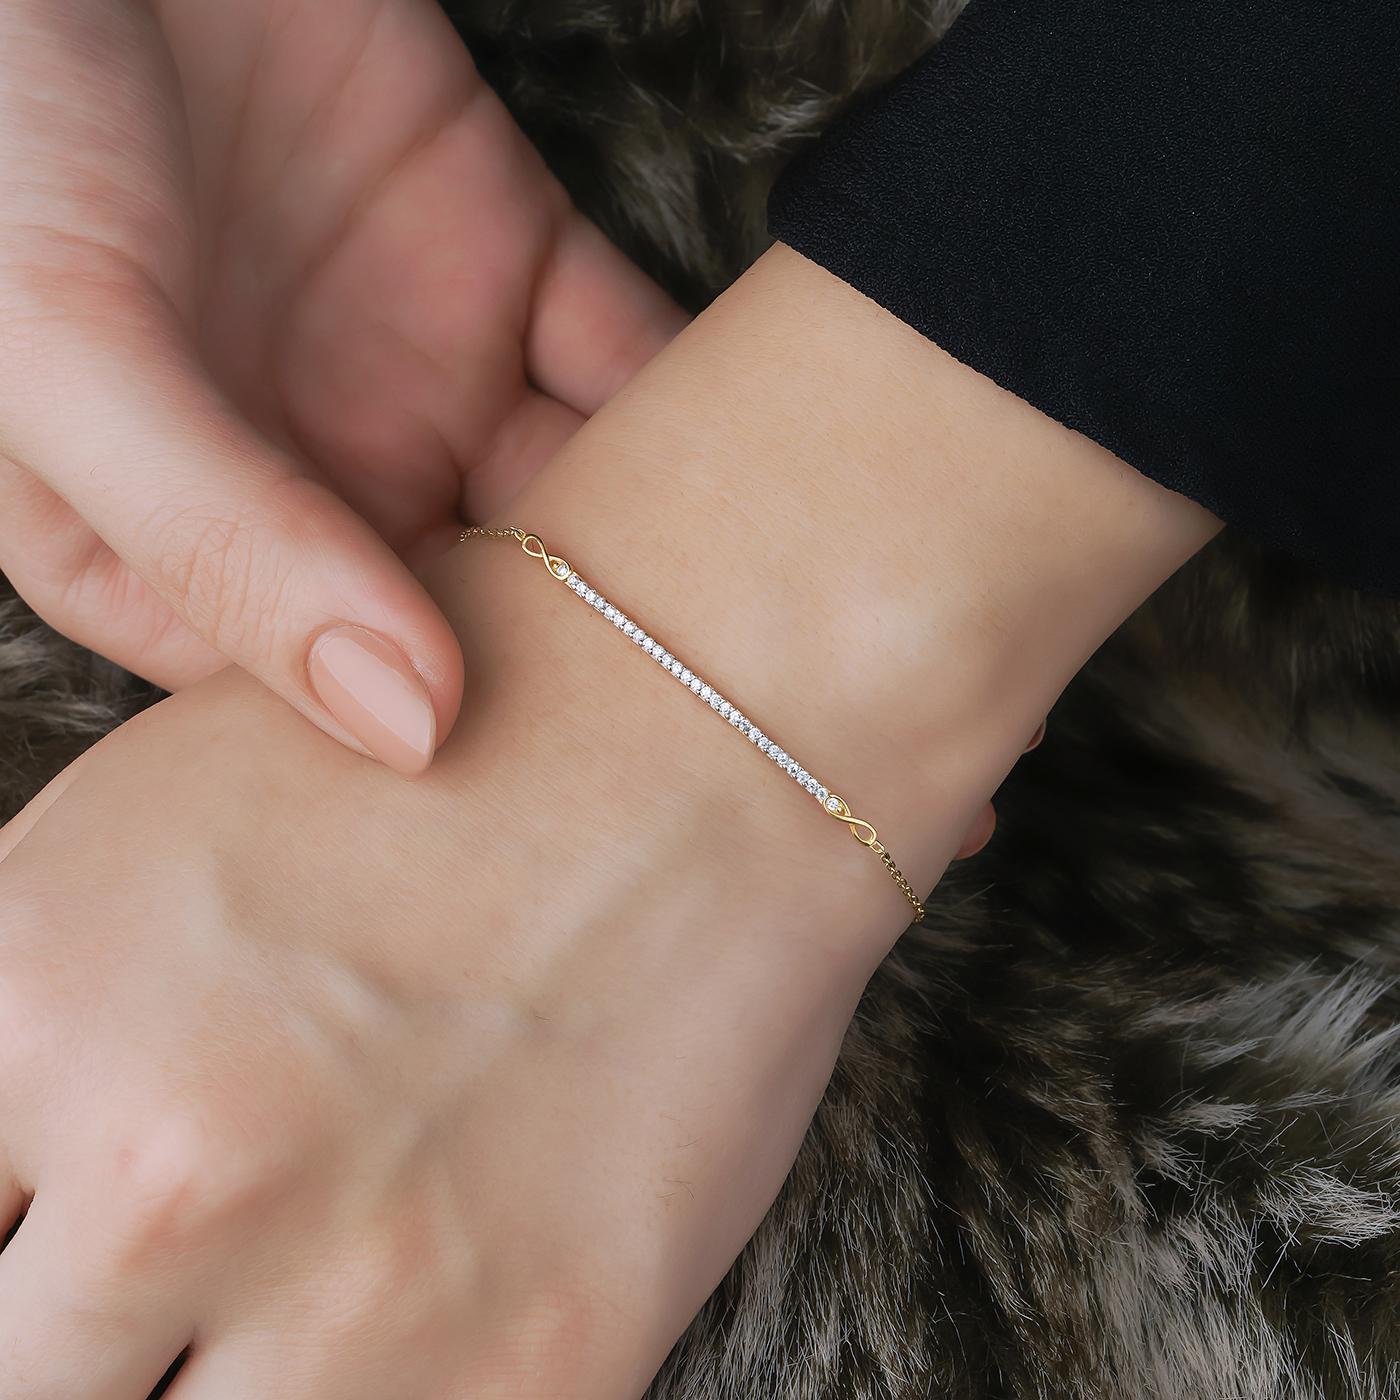 ALMIRA 925 Sterling Silber Damen Armband Infinity Silberschmuck Zirkonia